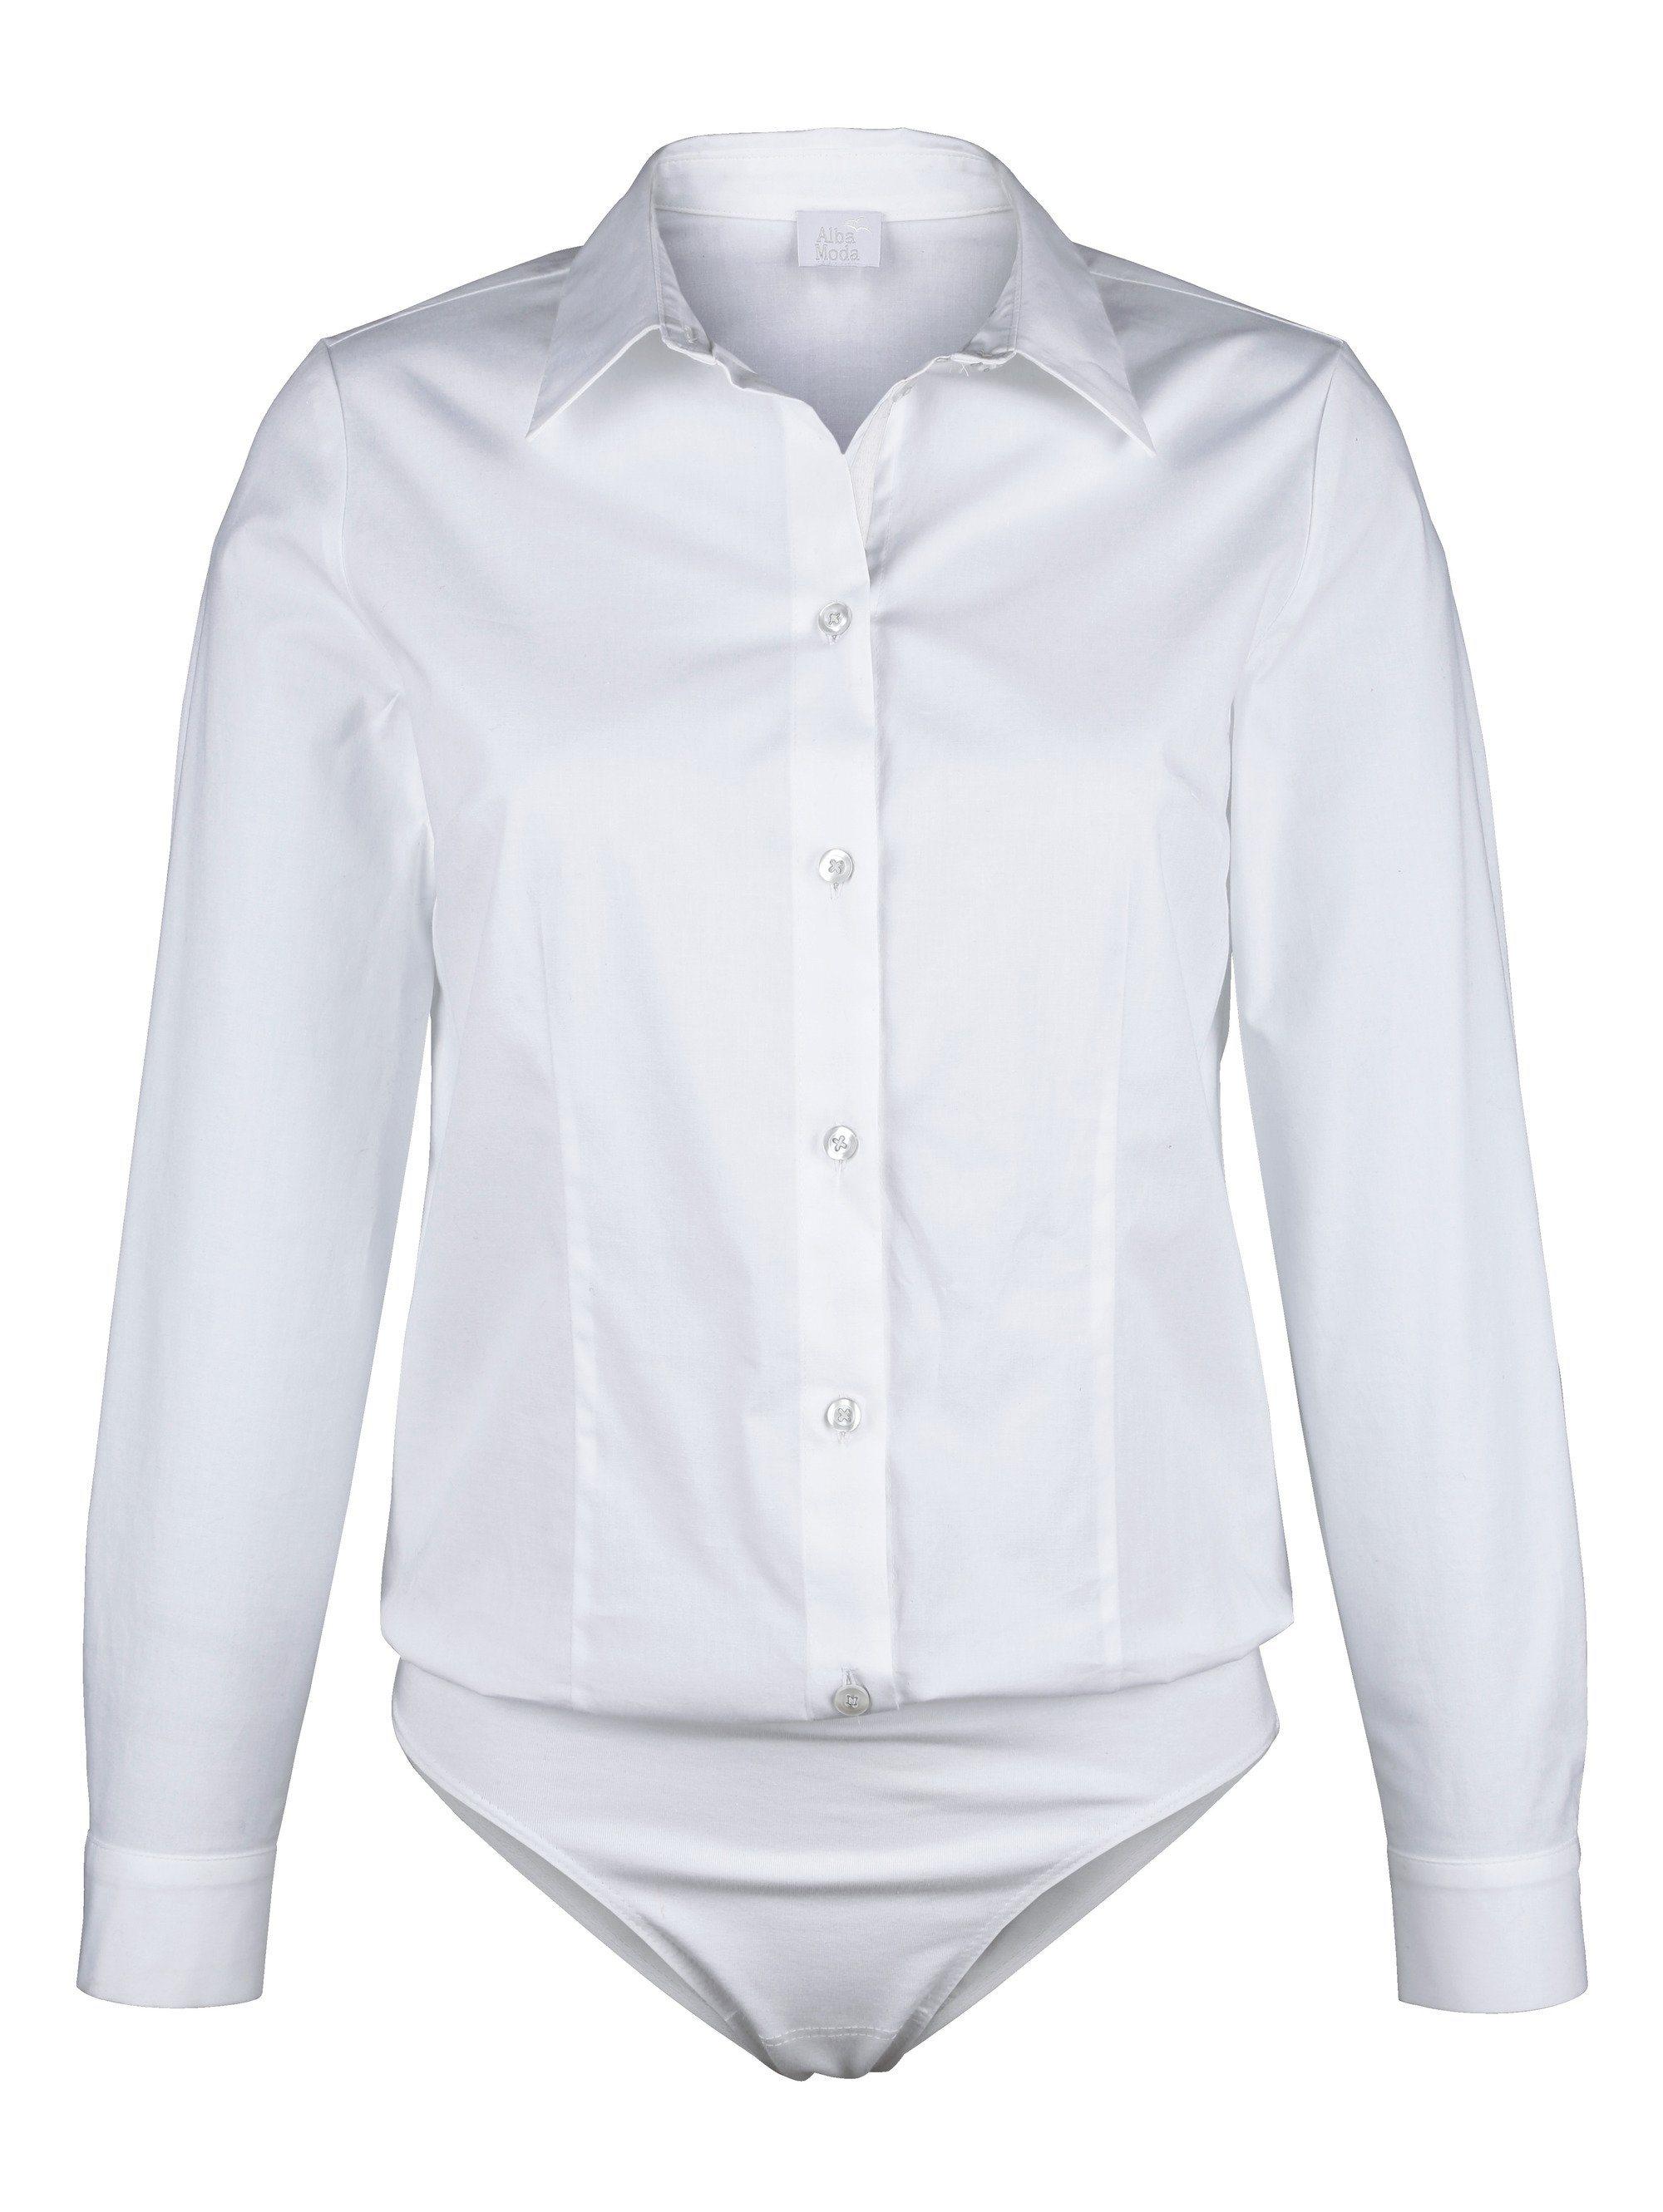 Alba Moda Blusenbody mit Hemdblusenkragen | Unterwäsche & Reizwäsche > Bodies & Corsagen > Blusenbodys | Elasthan - Baumwolle - Jersey | Alba Moda